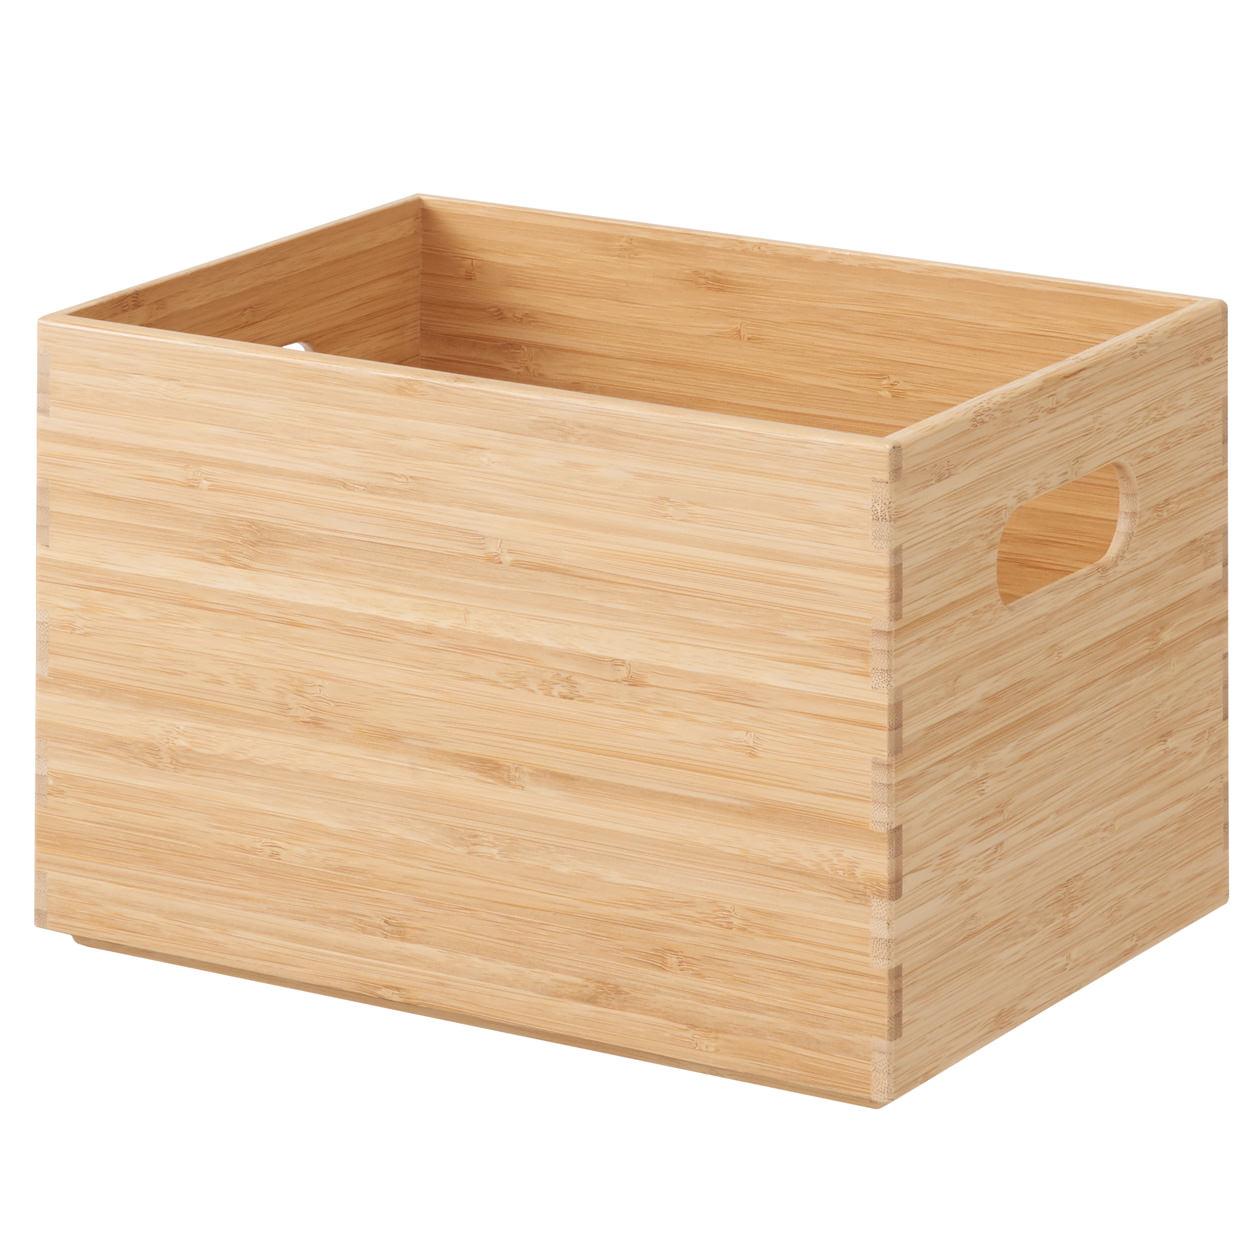 重なる竹材長方形ボックス・ハーフ・中